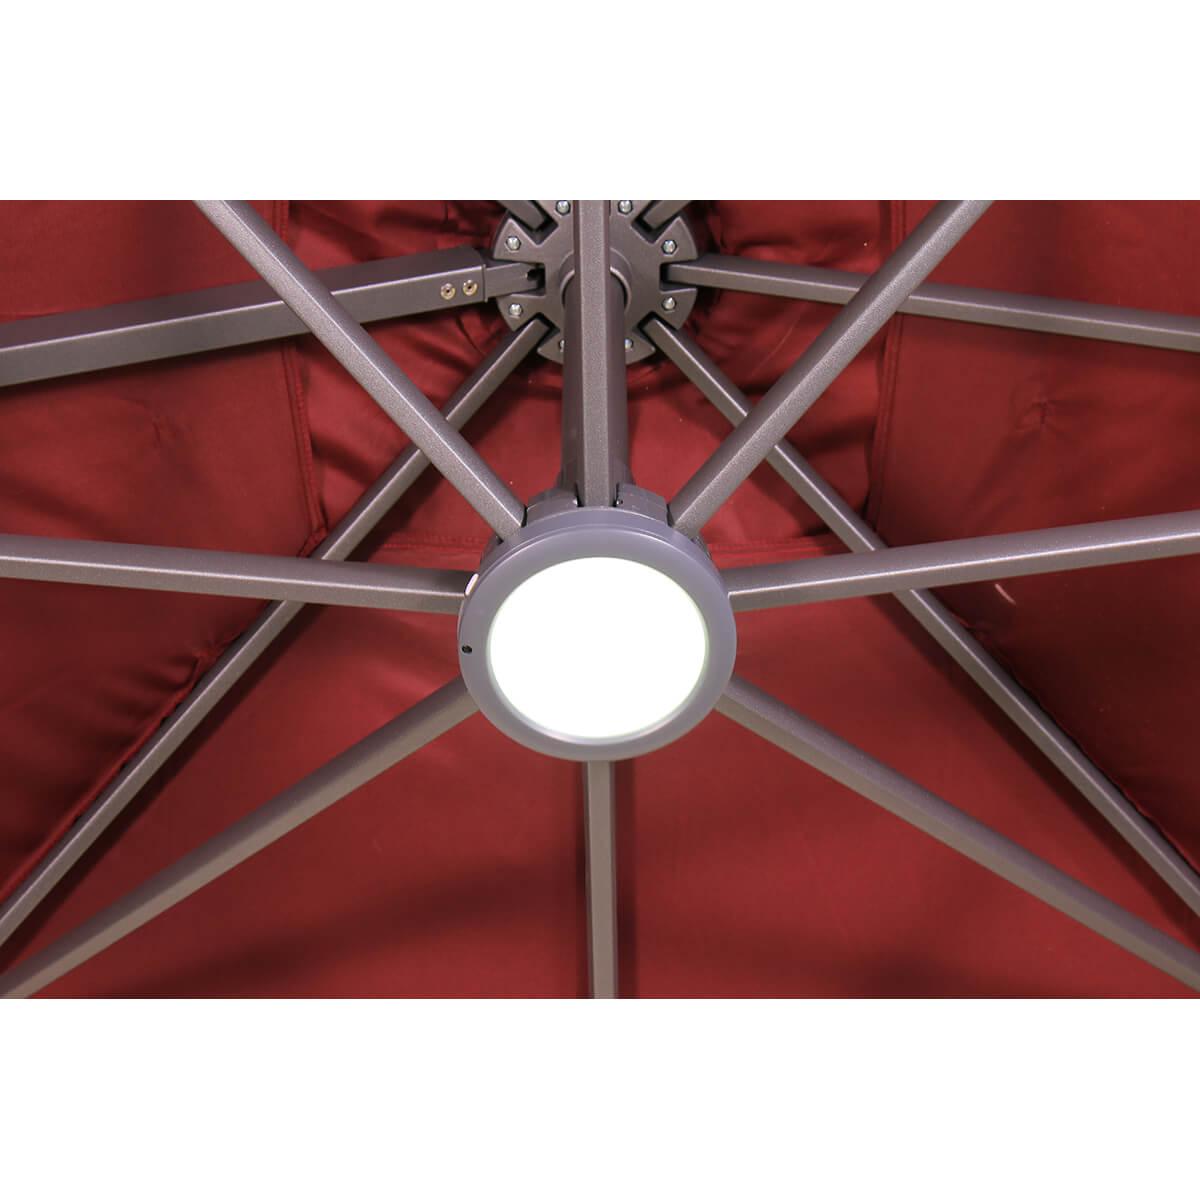 LED Akku Leuchte für Ampelschirme